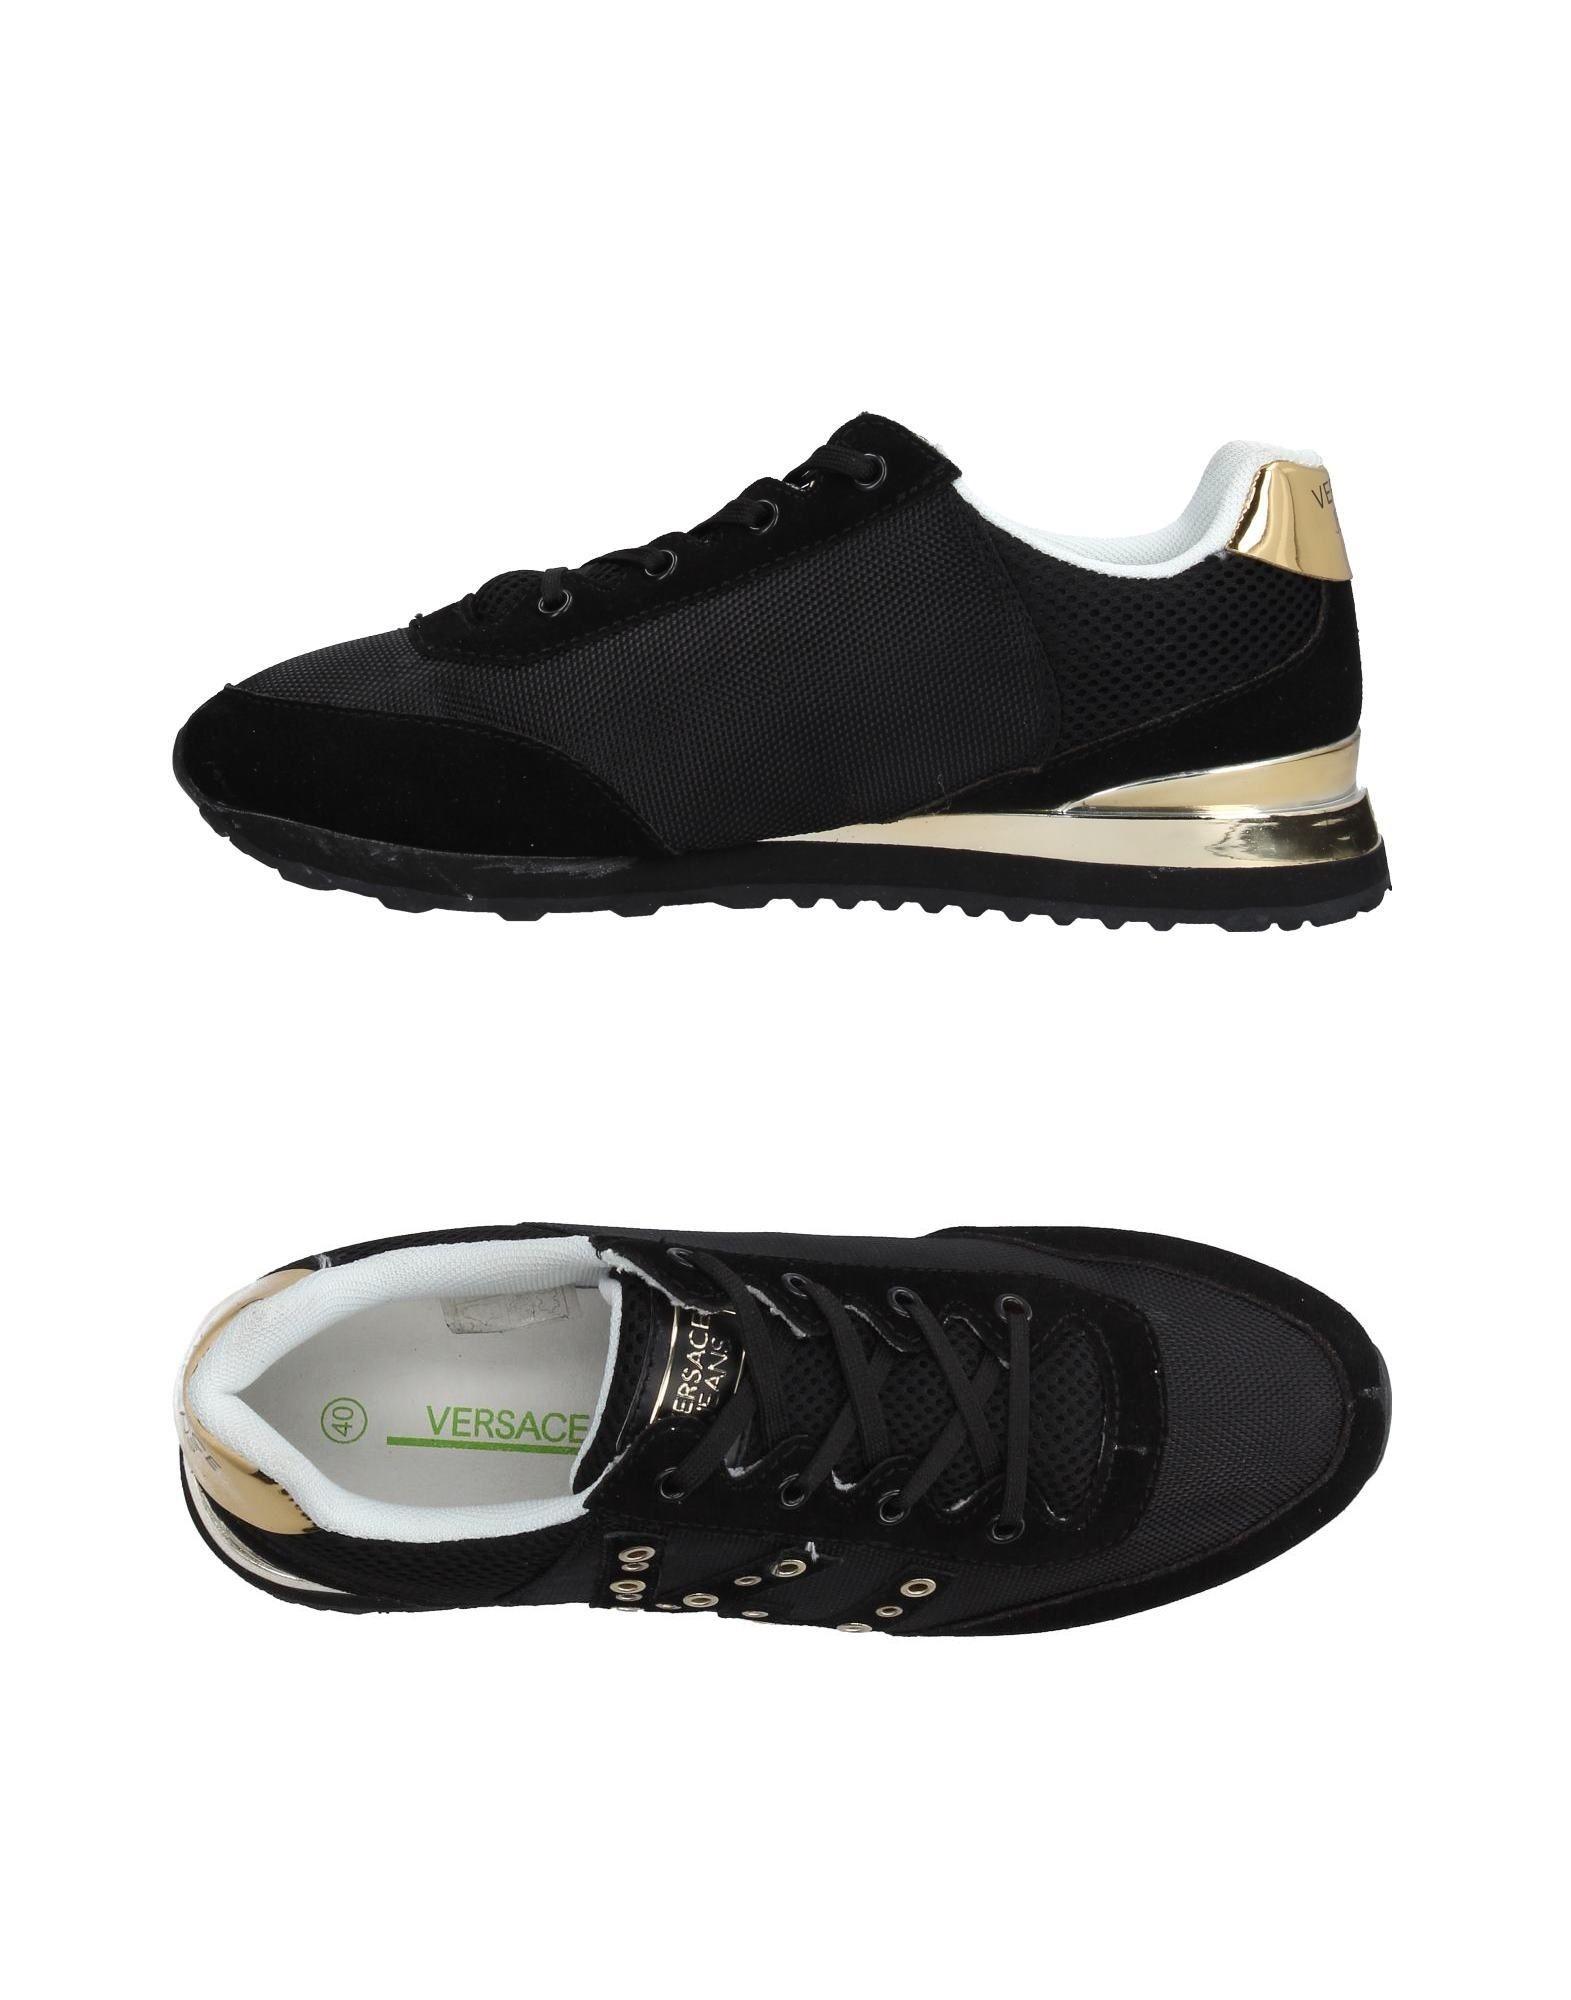 Versace Jeans Sneakers Damen  11202362MO Gute Qualität beliebte Schuhe